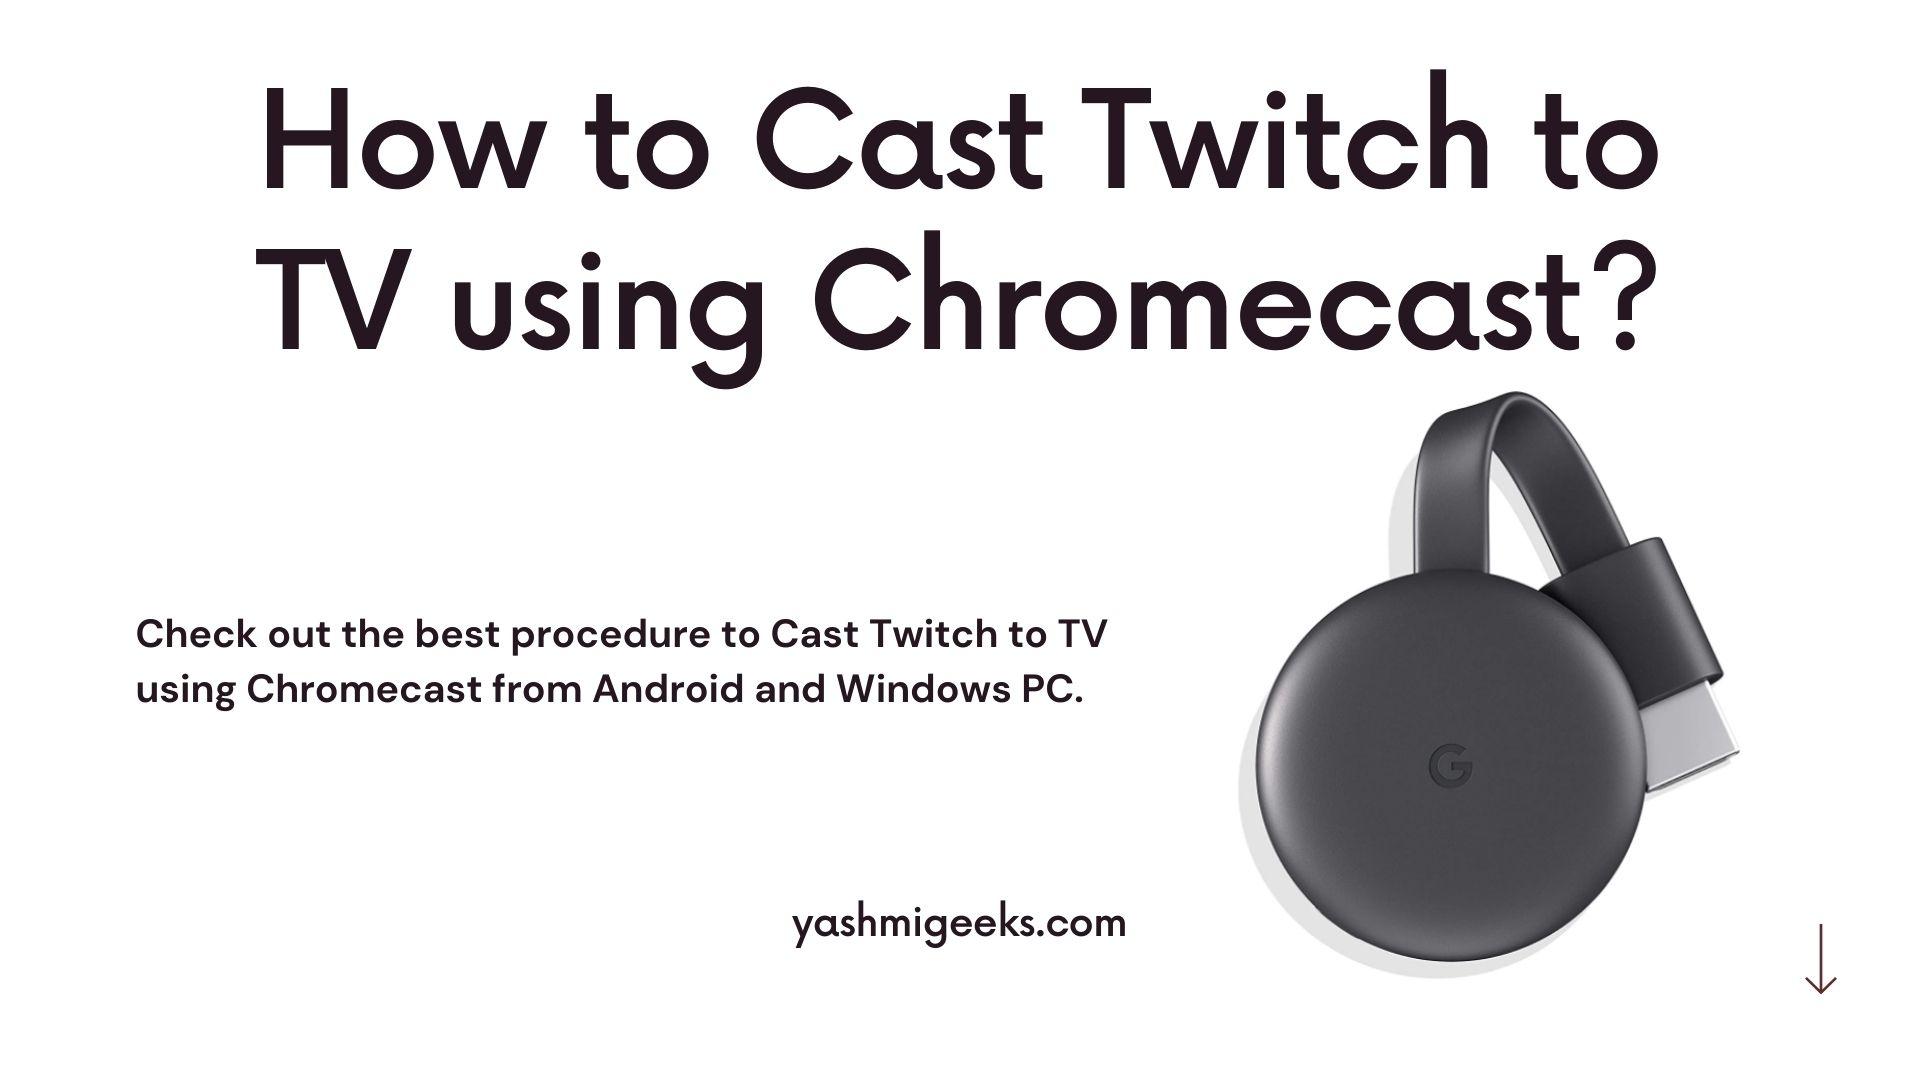 Chromecast Twitch to TV